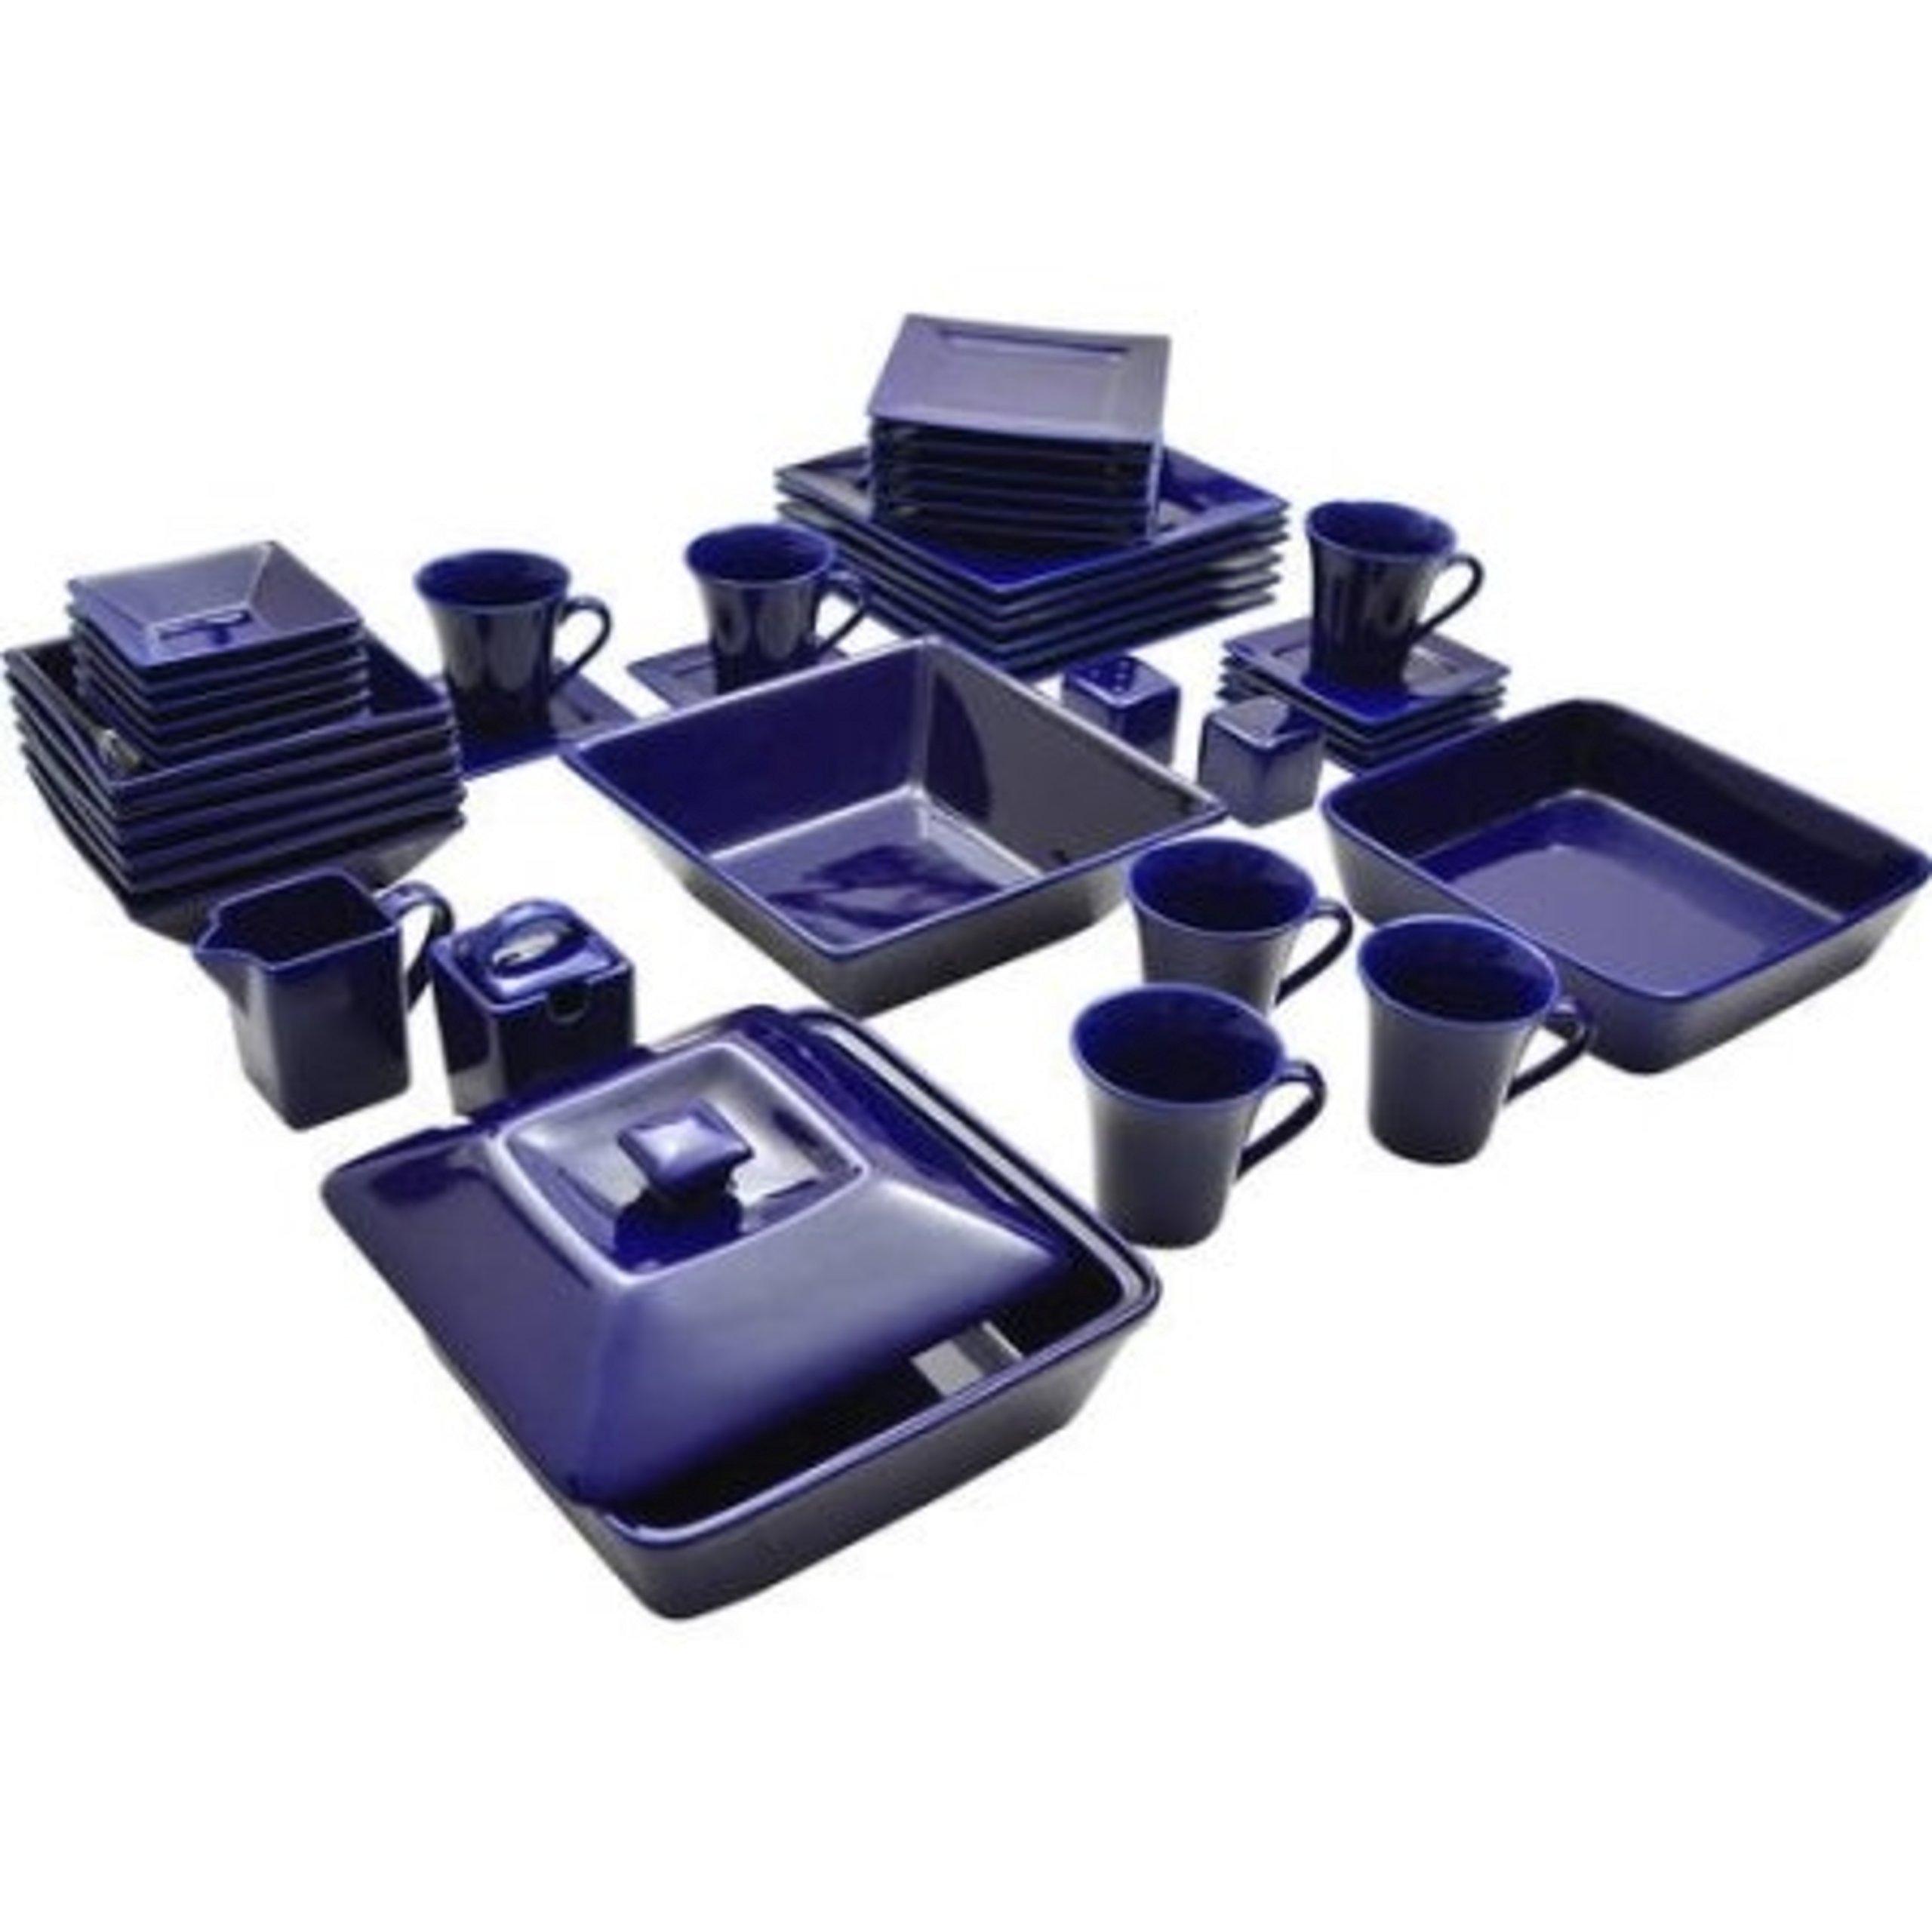 45-Piece Contemporary Square Shape Porcelain Blue Dinnerware Set